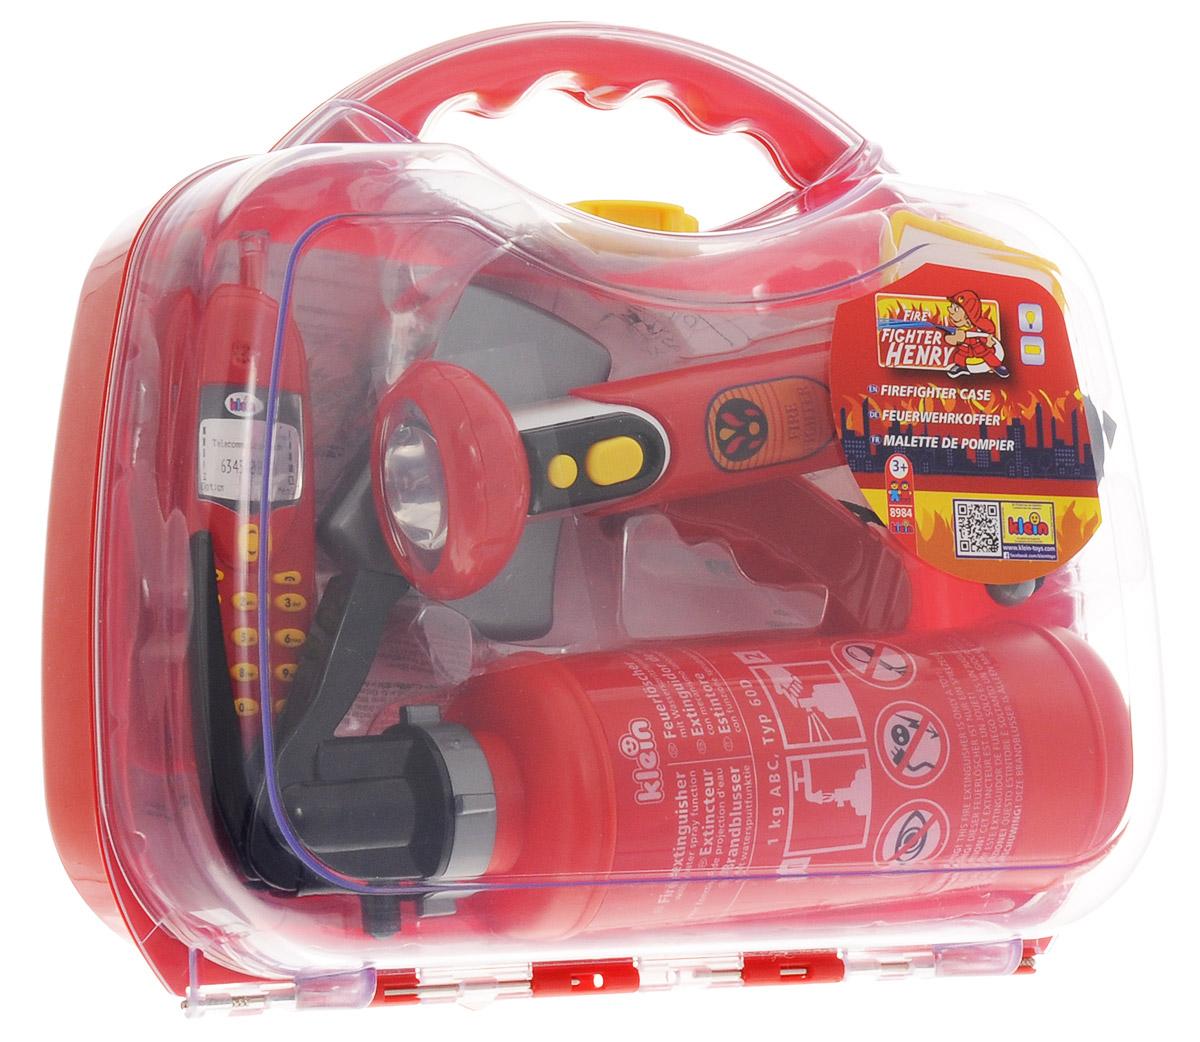 Klein Игрушечный набор пожарного купить телефон леново а 916